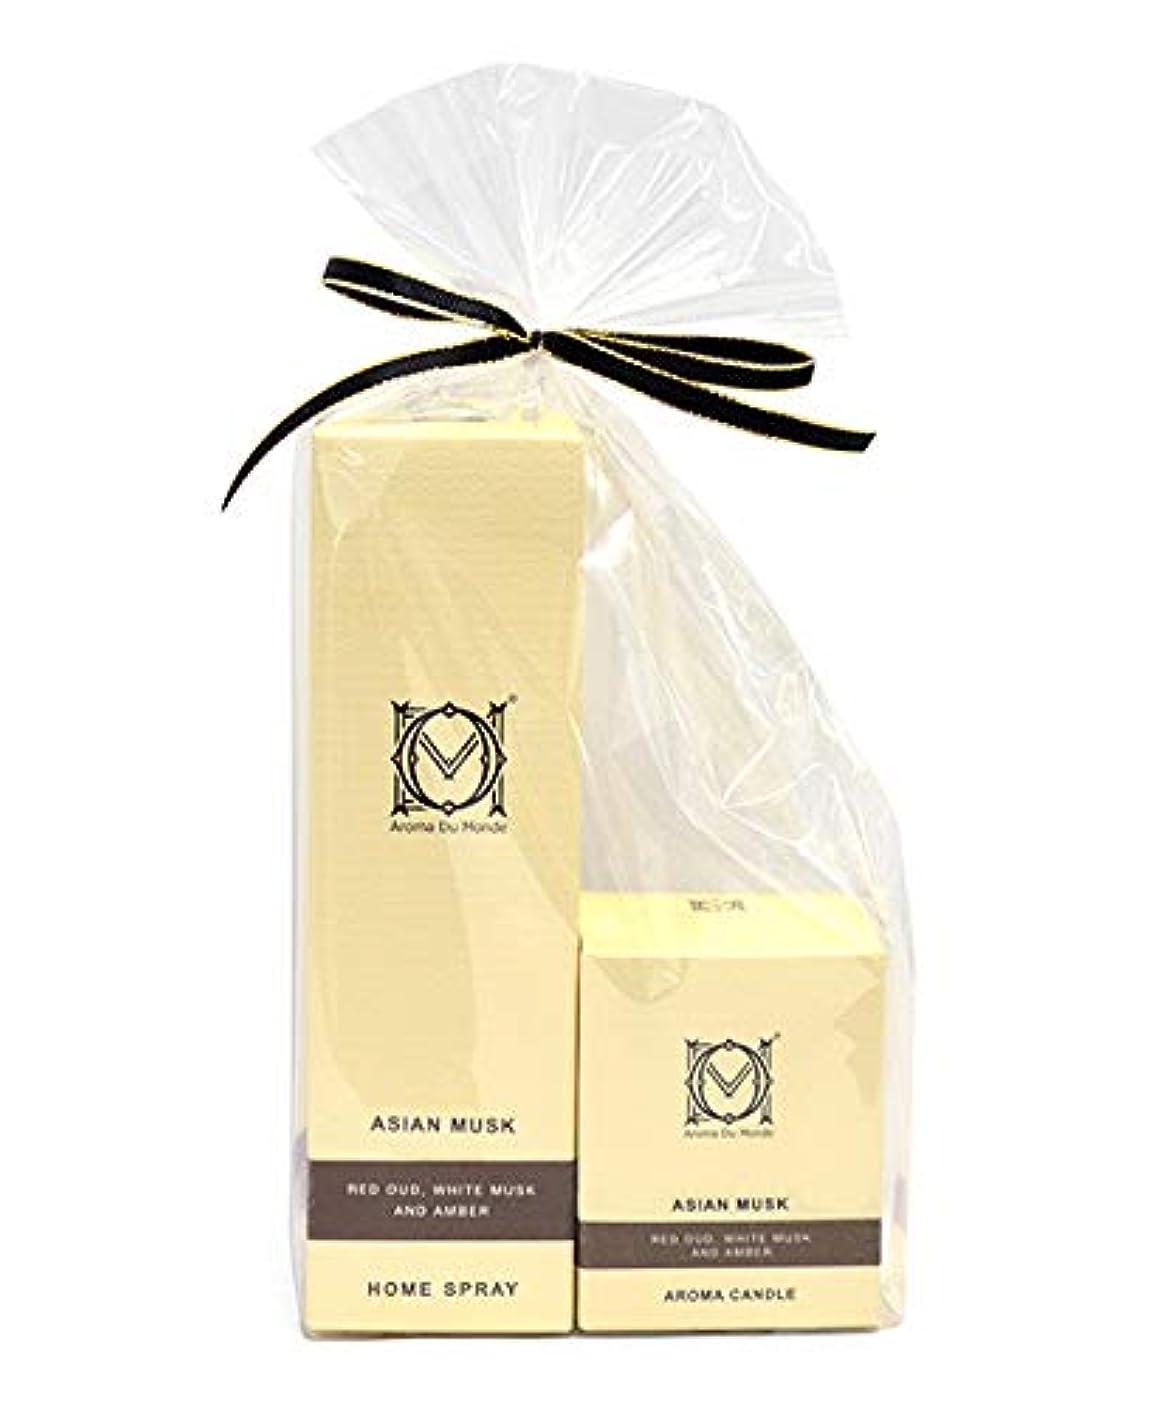 ペック土器メッセンジャーホームスプレー&キャンドル アジアンムスク セット Aroma Du Monde/ADM Home Spray & Candle Asian Musk Set 81152